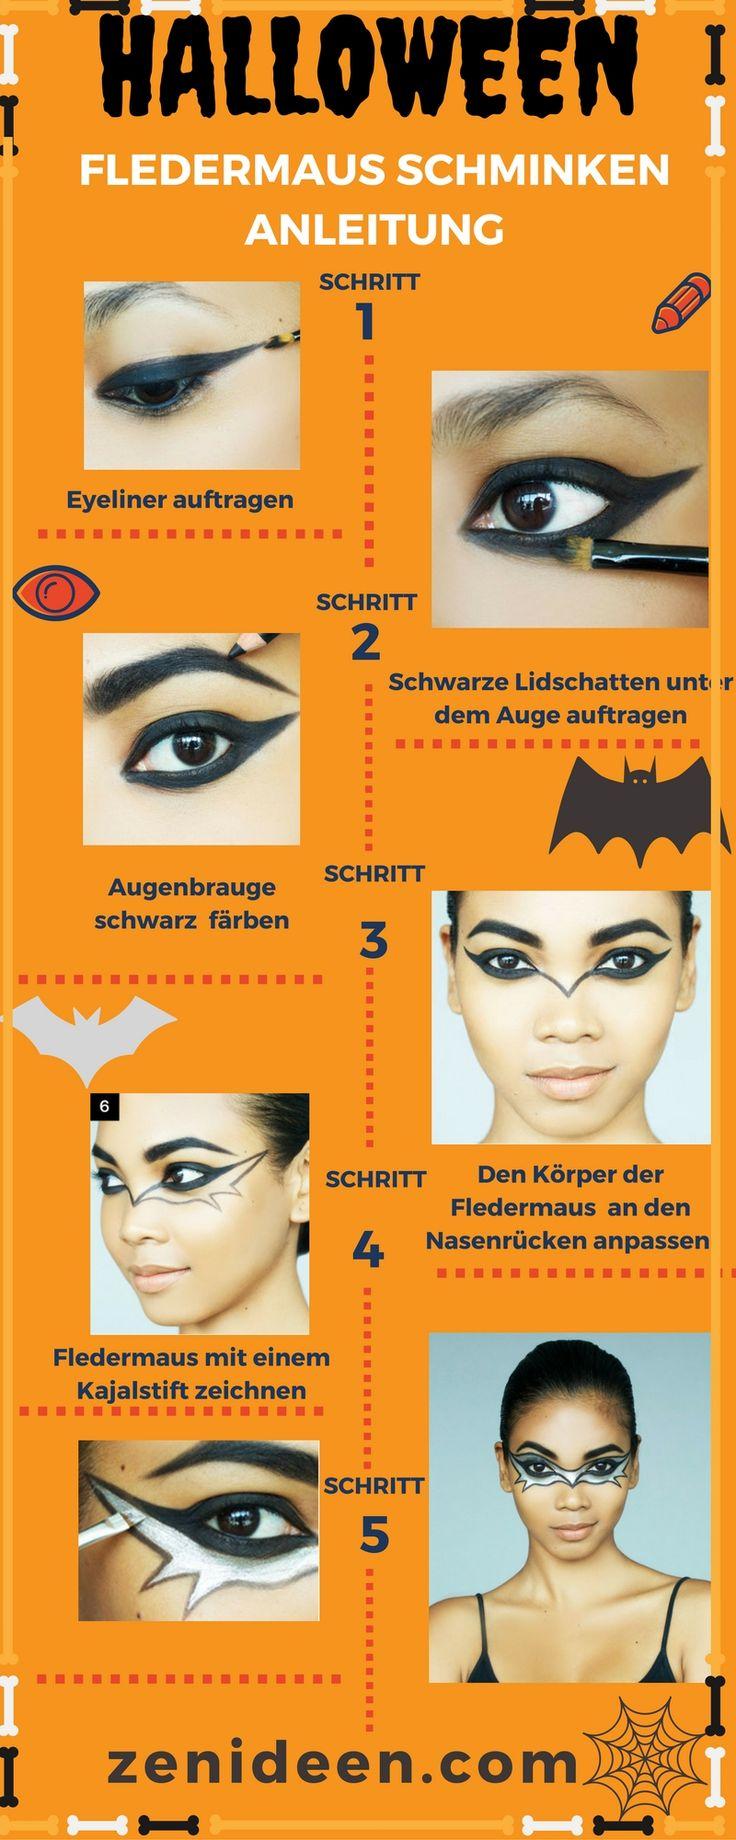 Fledermaus schminken Halloween Anleitung